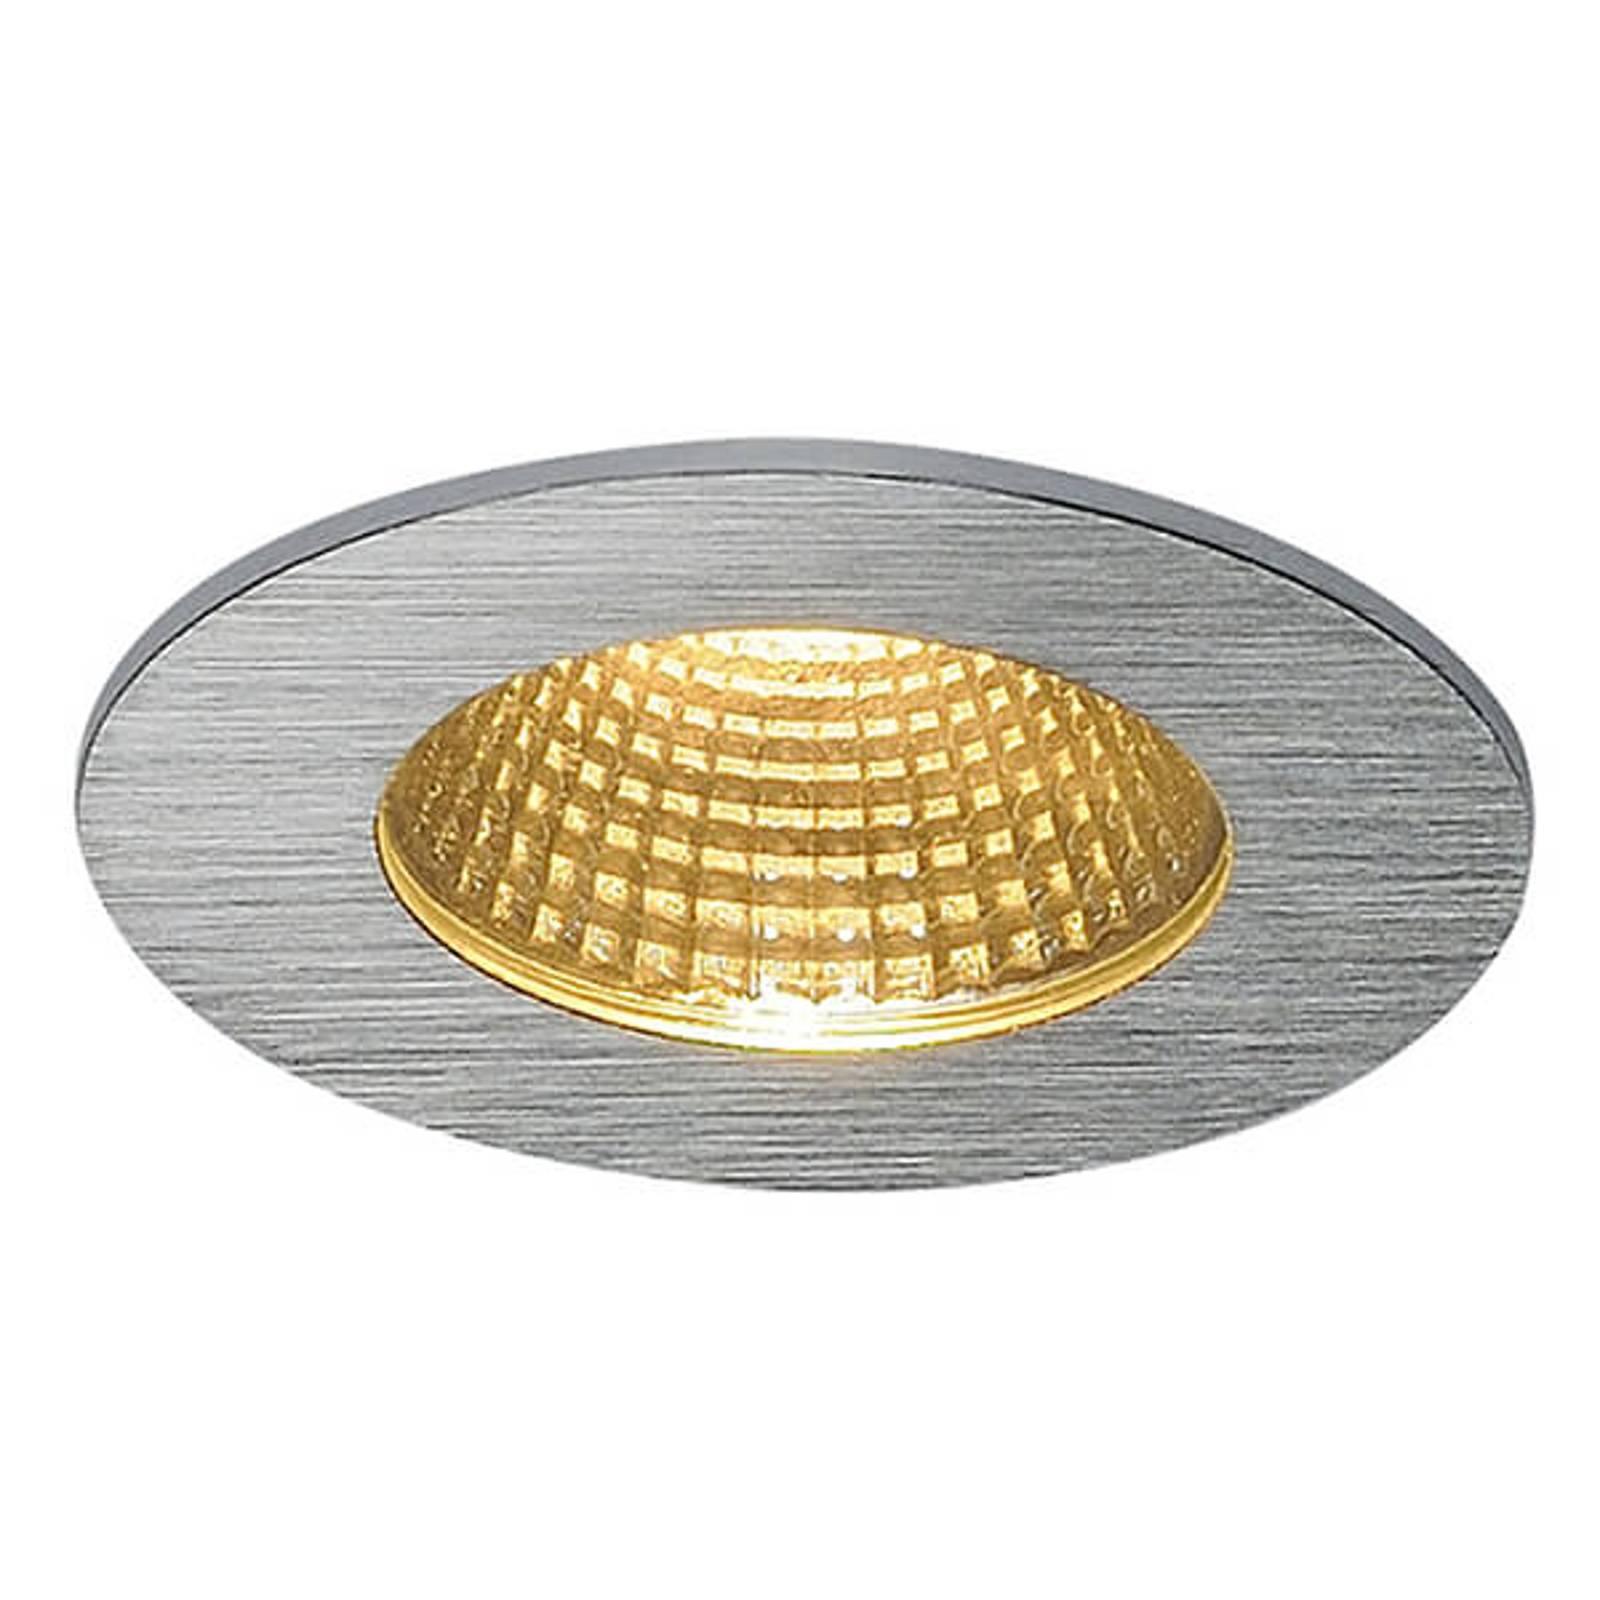 Alumiininvärinen LED-kattouppovalaisin Patta-I